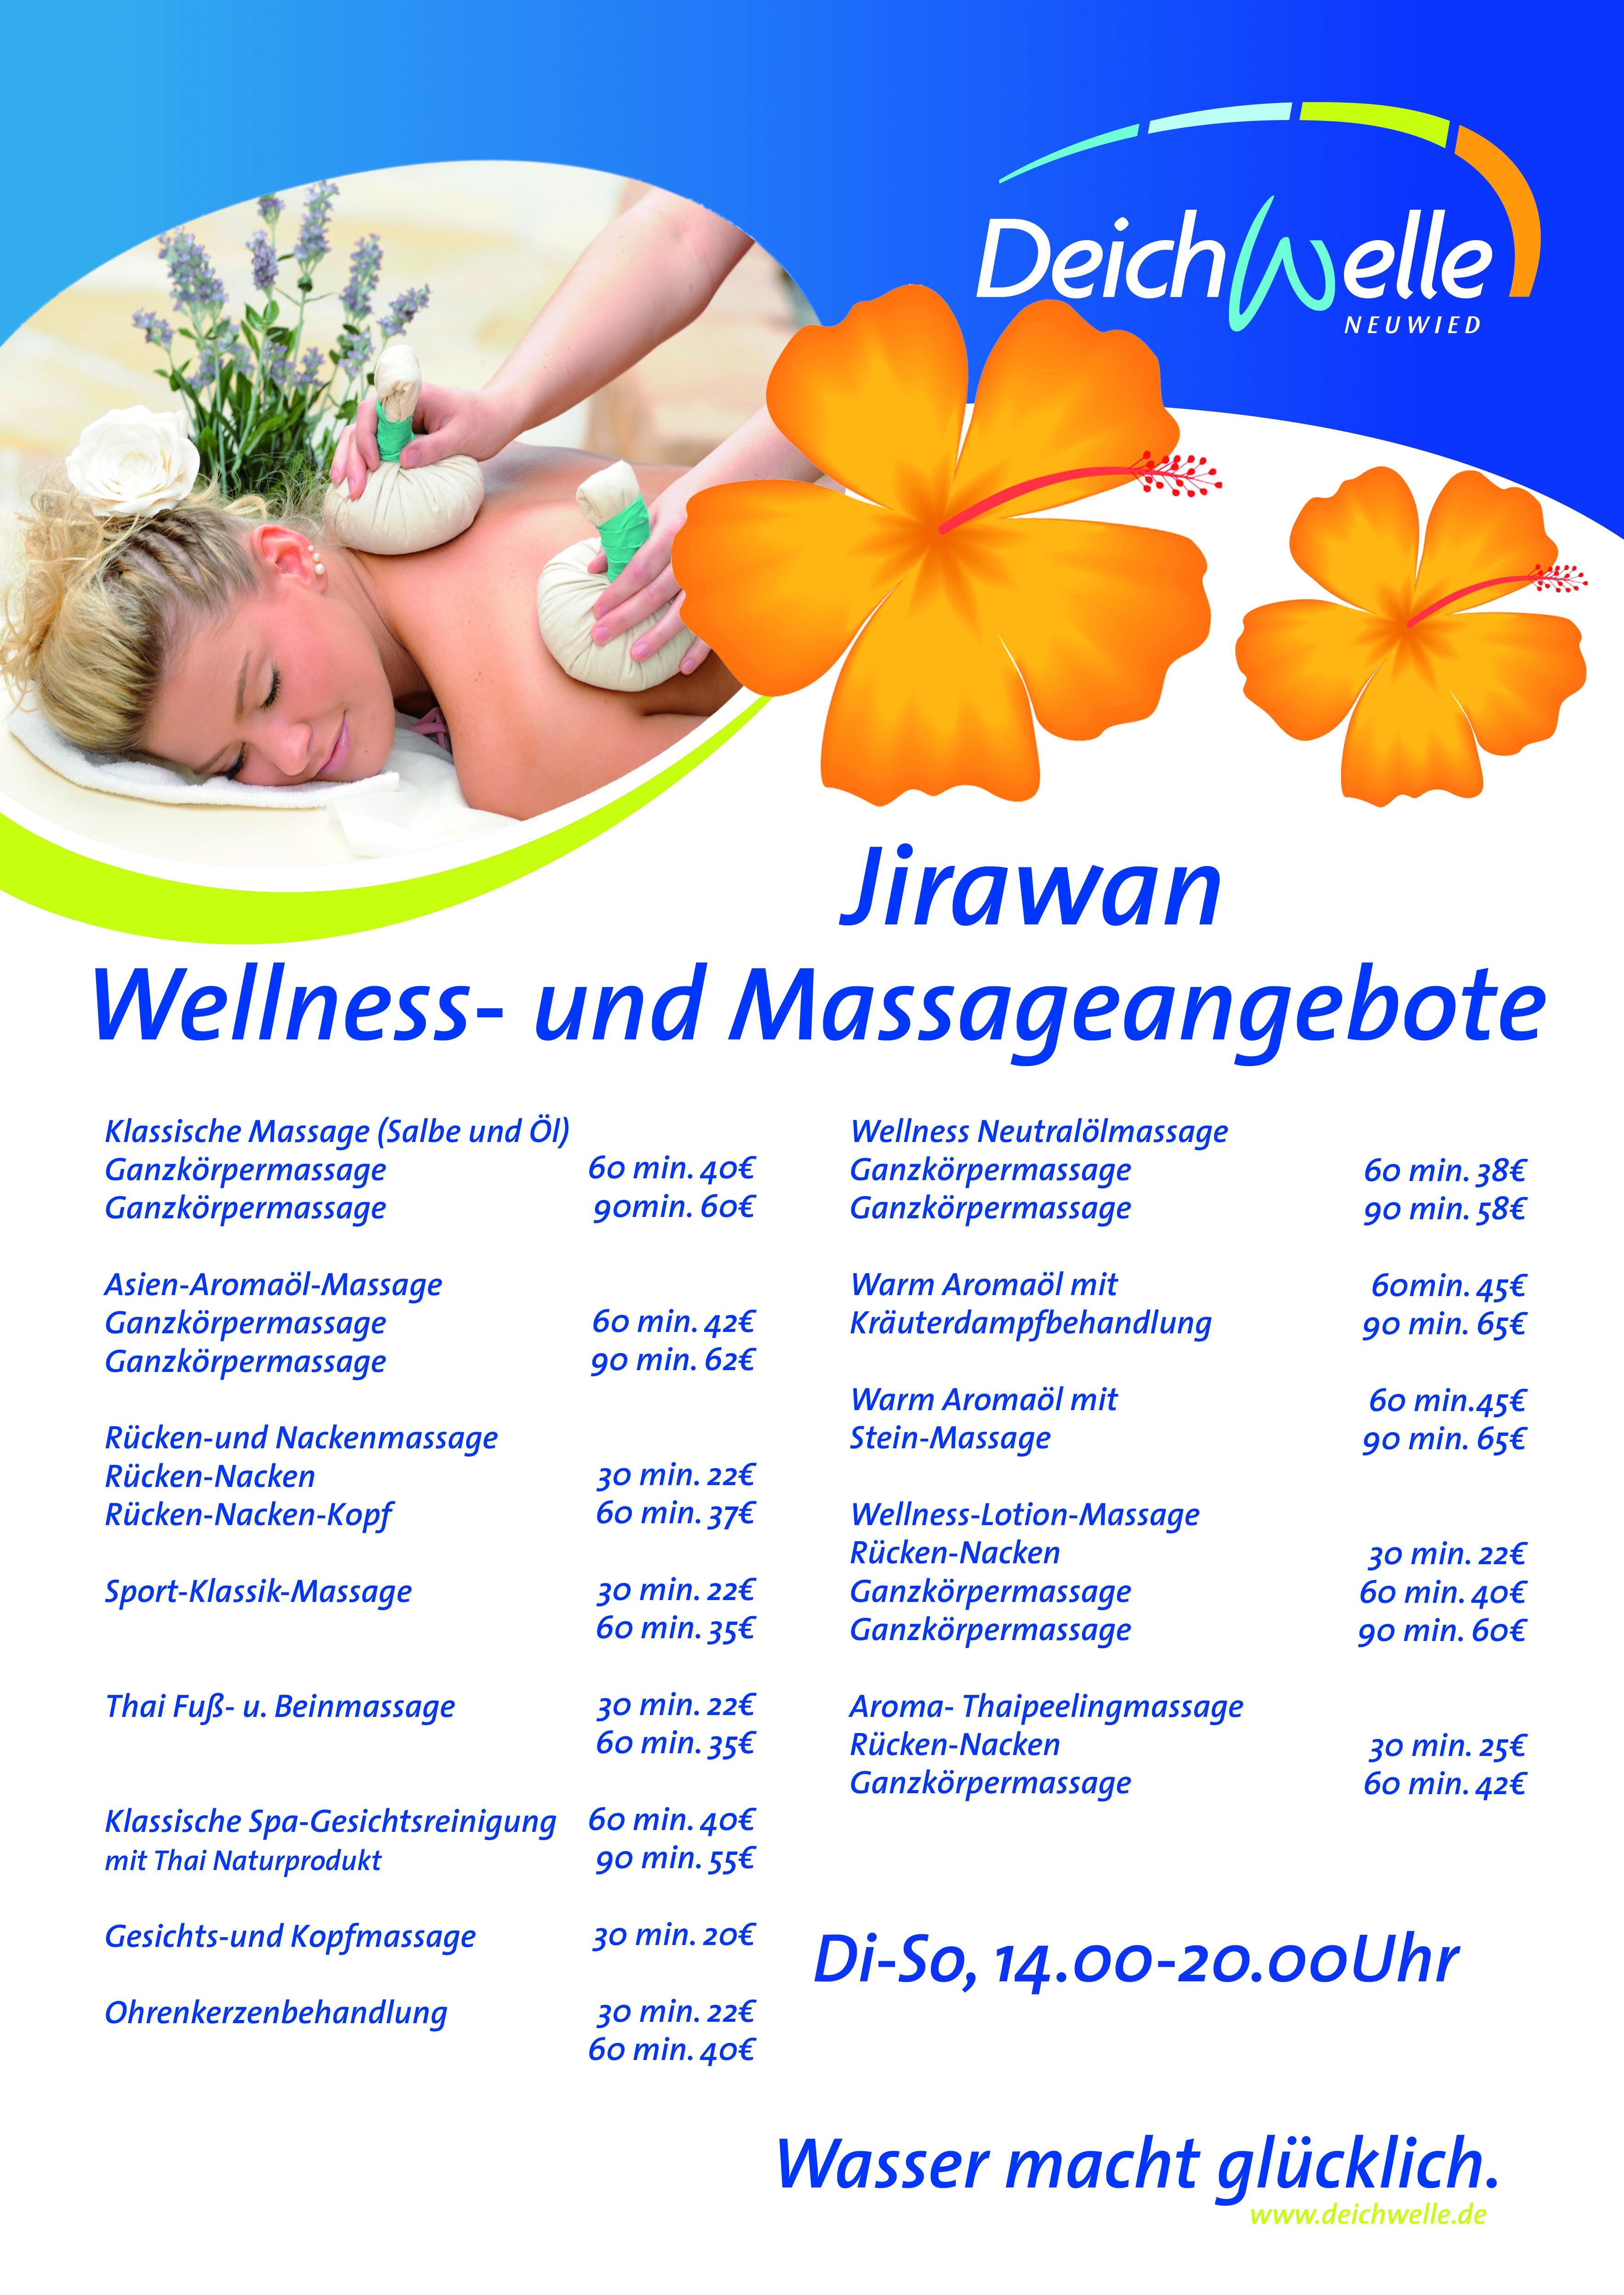 DW_Plakat2_Jirawan_Wellness_Massageangebote